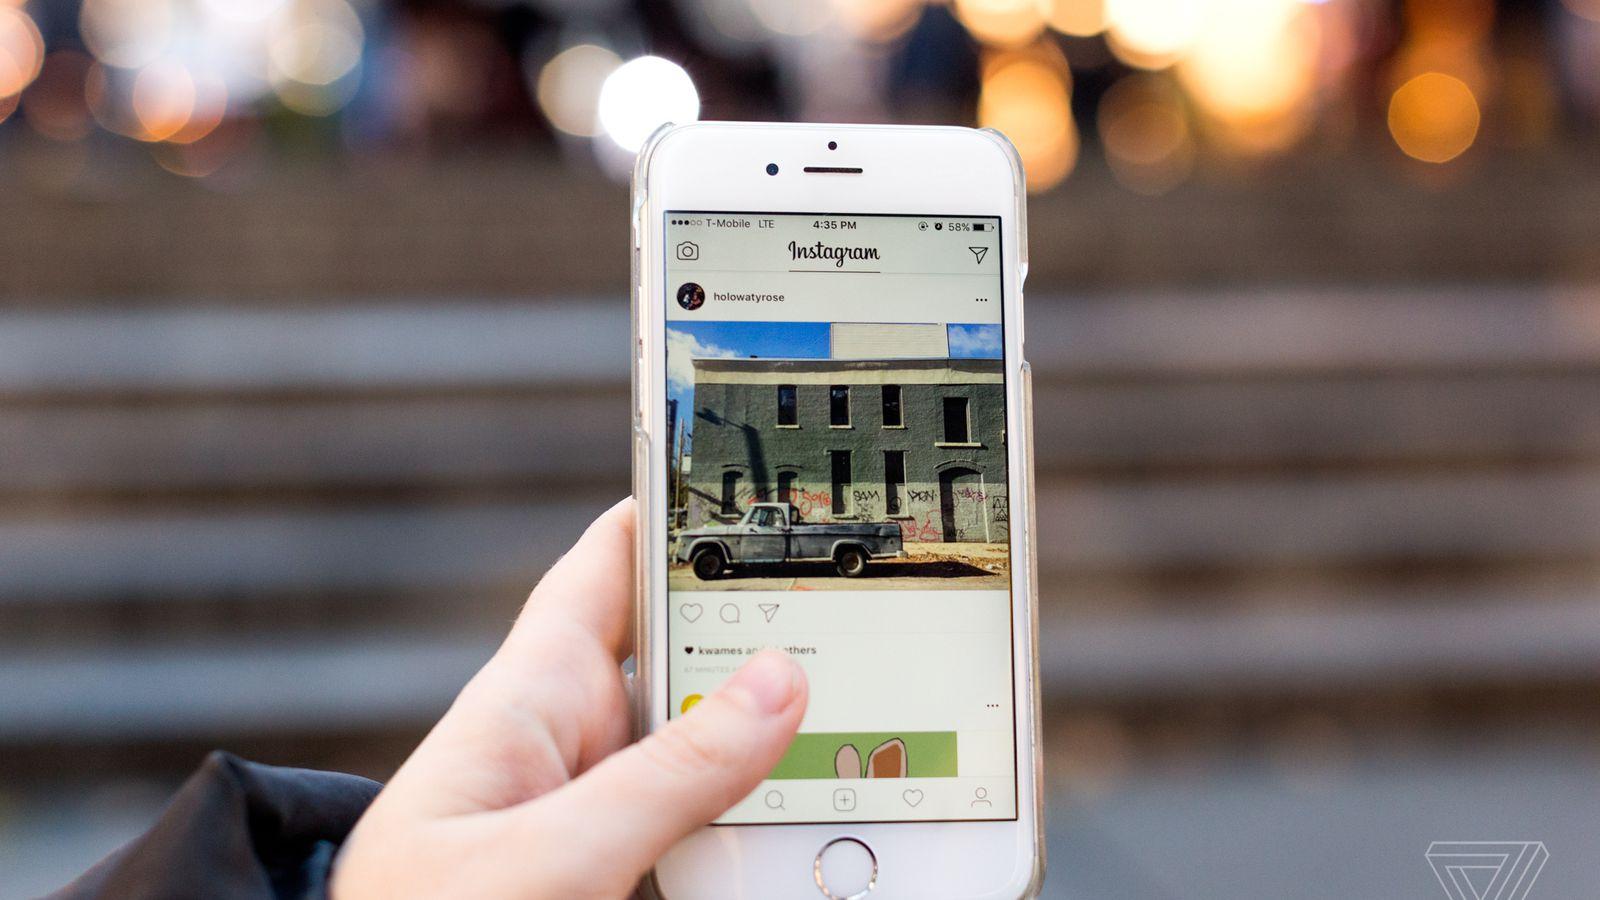 Instagram Tries to Beat Secret Celebrity #sponcon with New Label